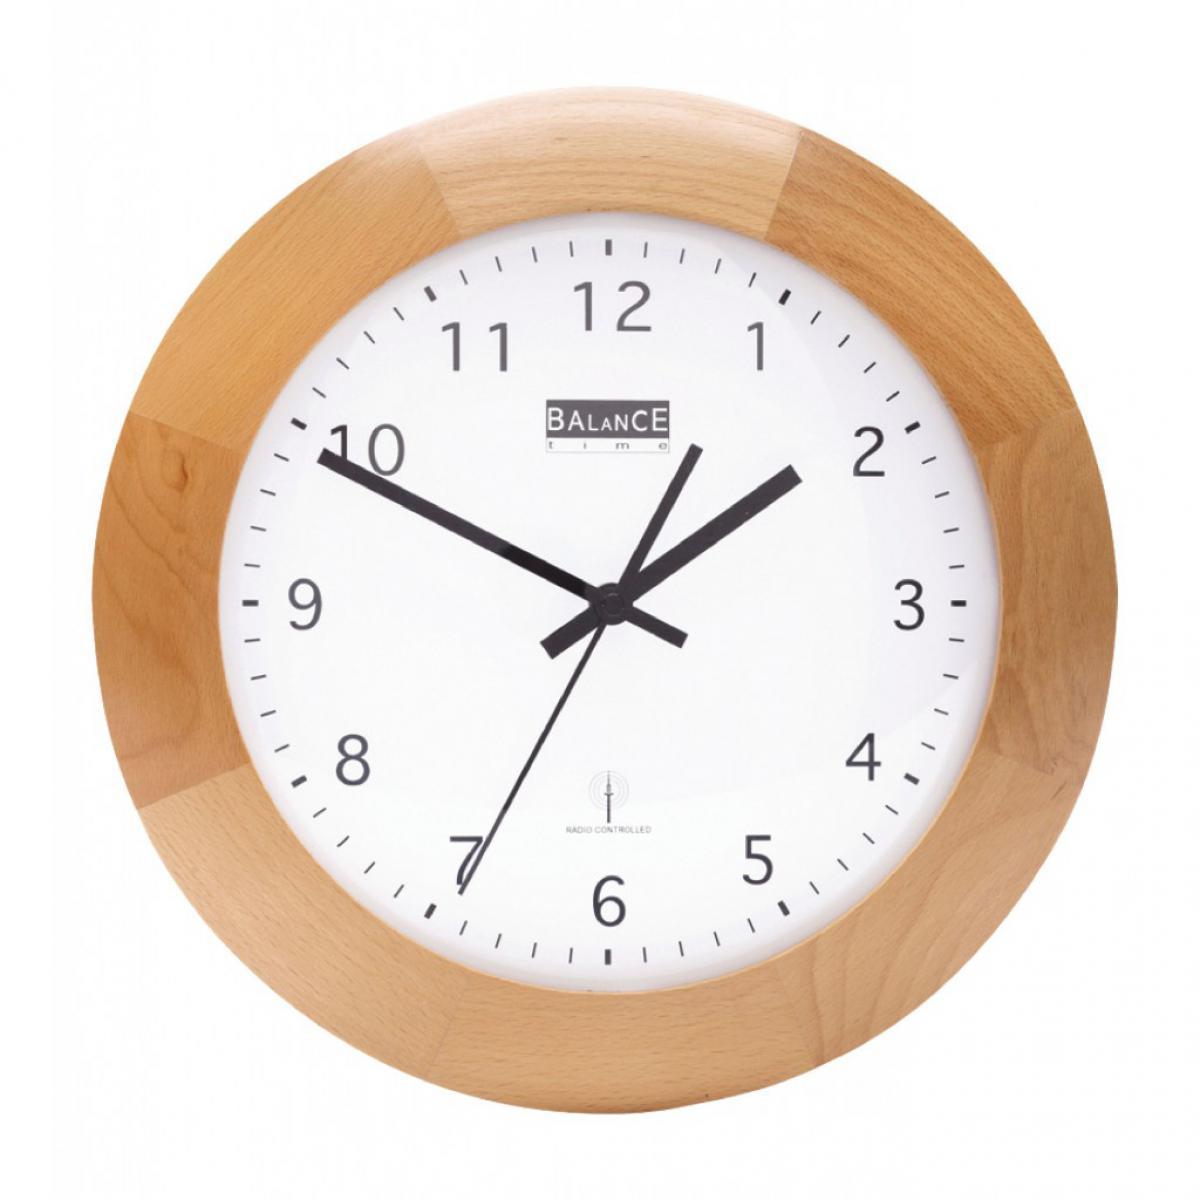 Alpexe Horloge murale Radio-contrôlée 32 cm Analogiques Marron/Blanc